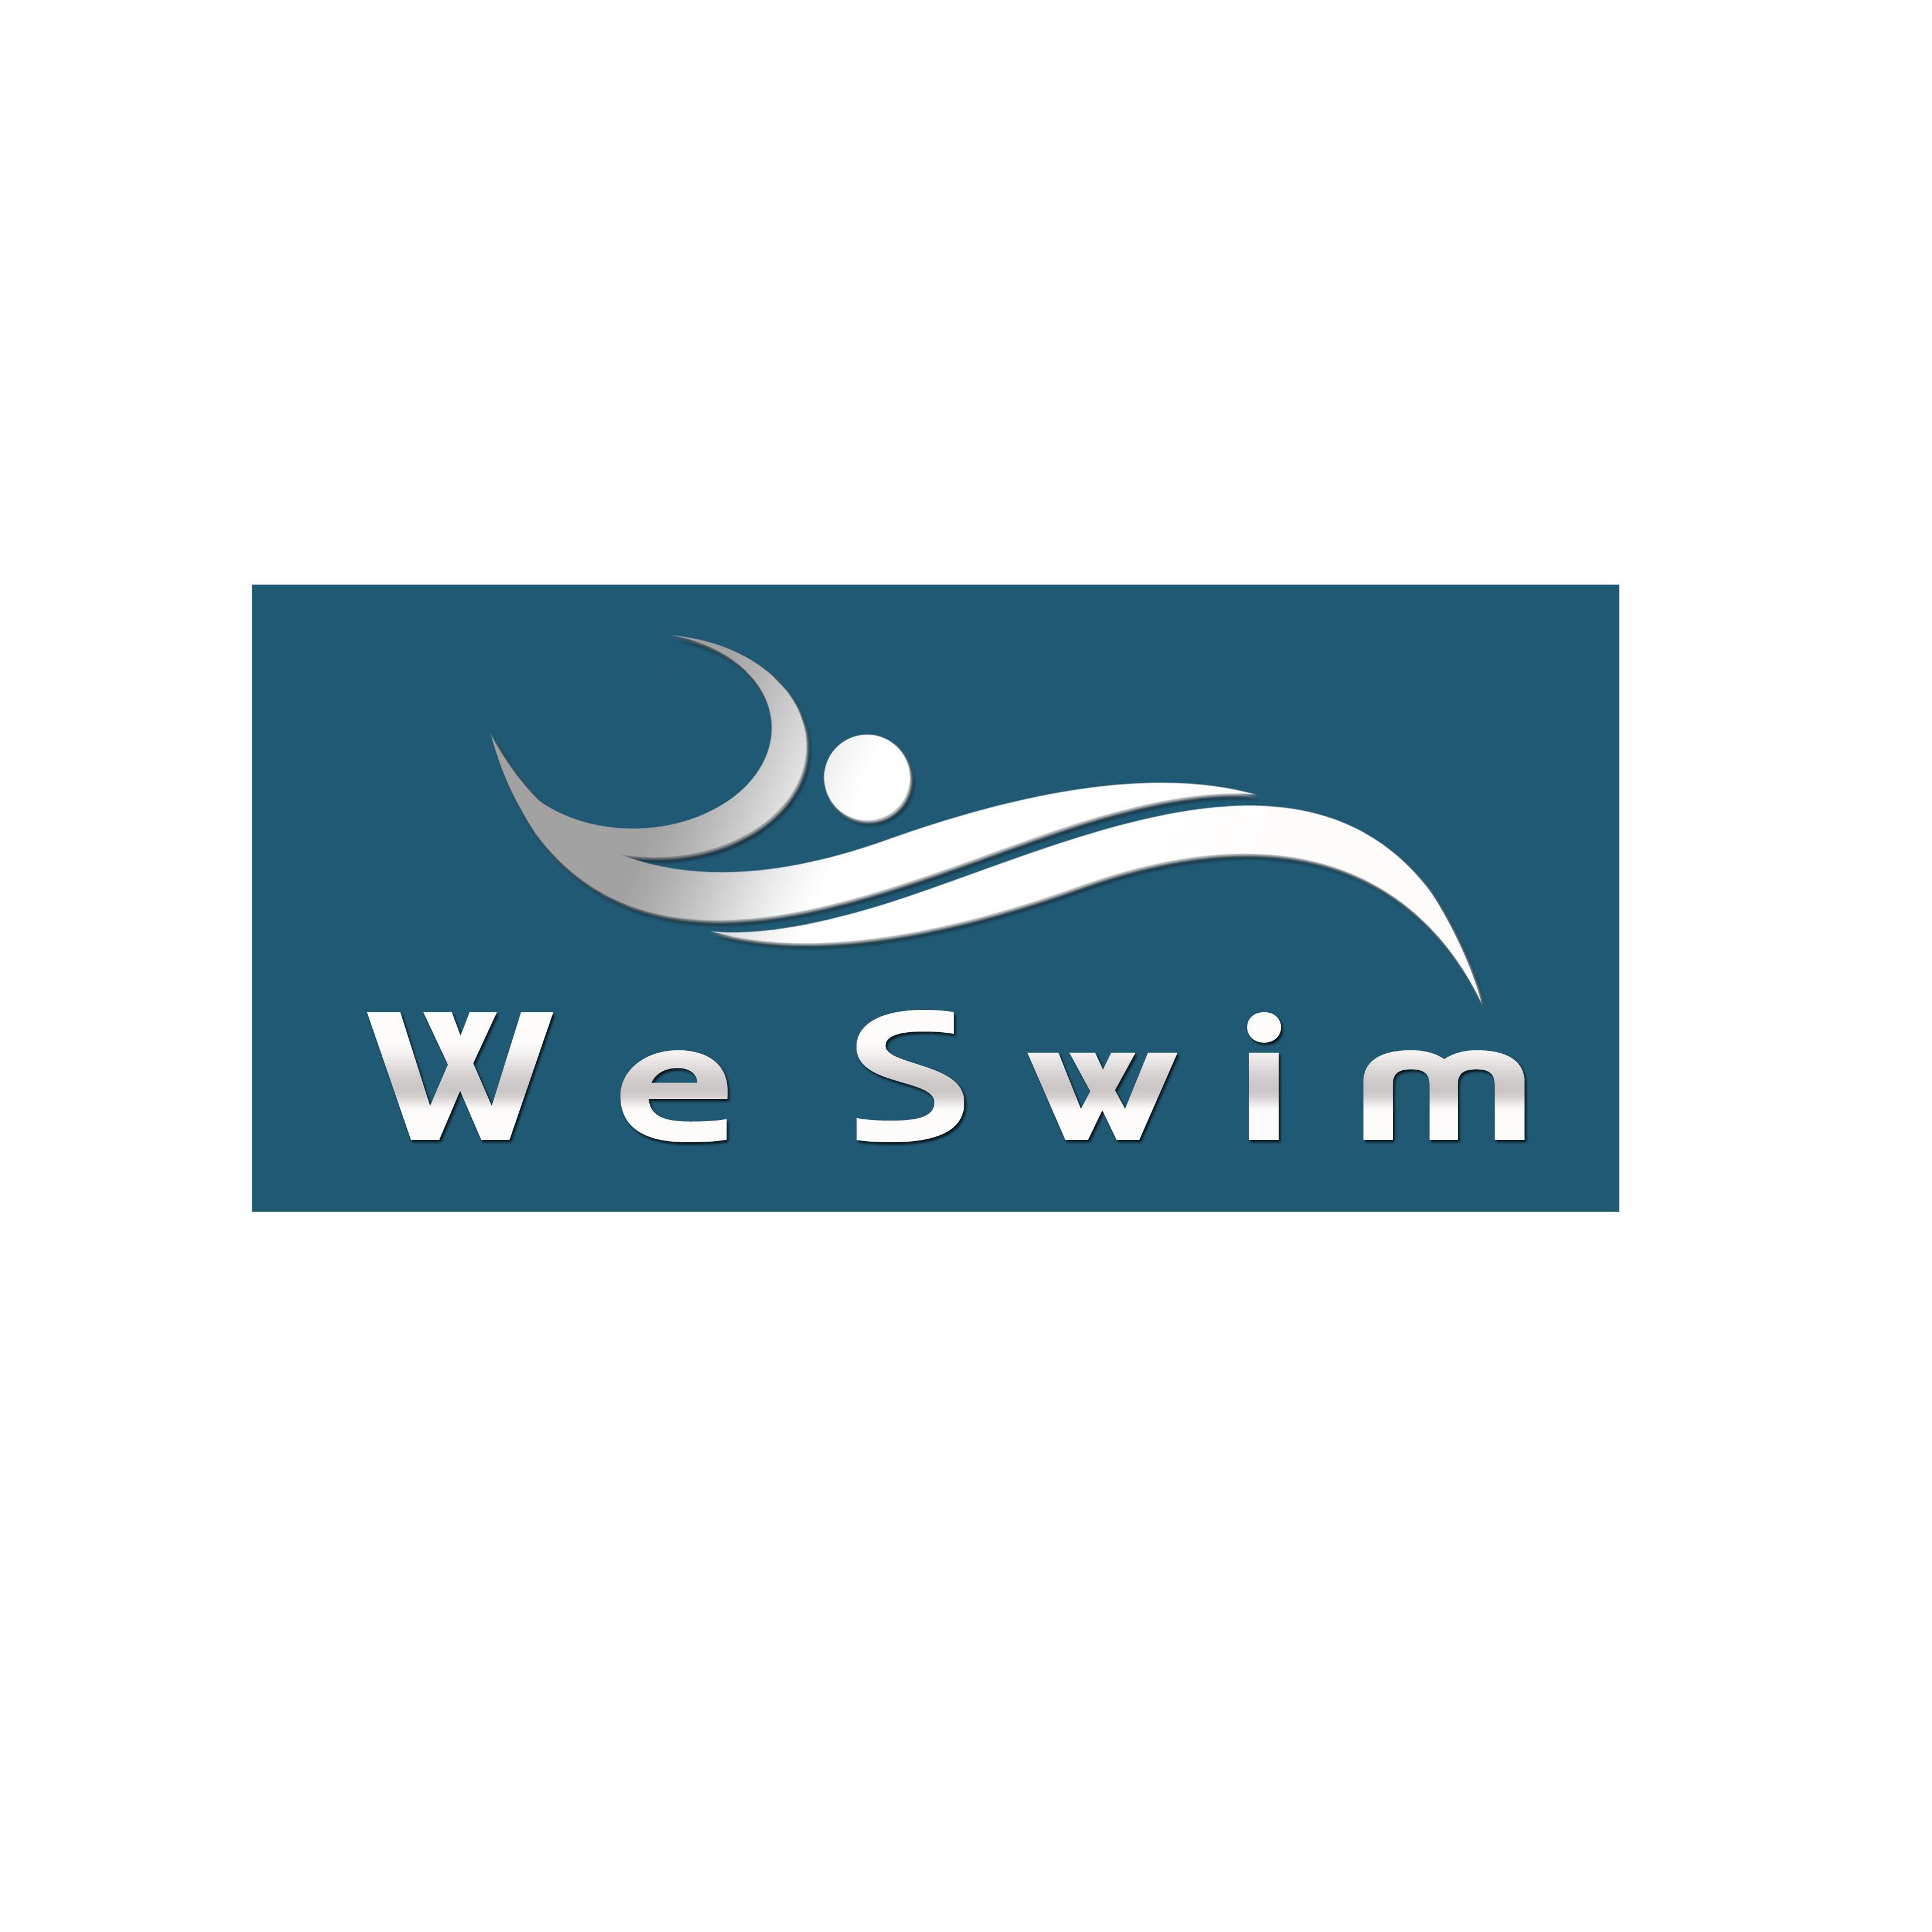 Logo Design by Allan Esclamado - Entry No. 19 in the Logo Design Contest Captivating Logo Design for We Swim.